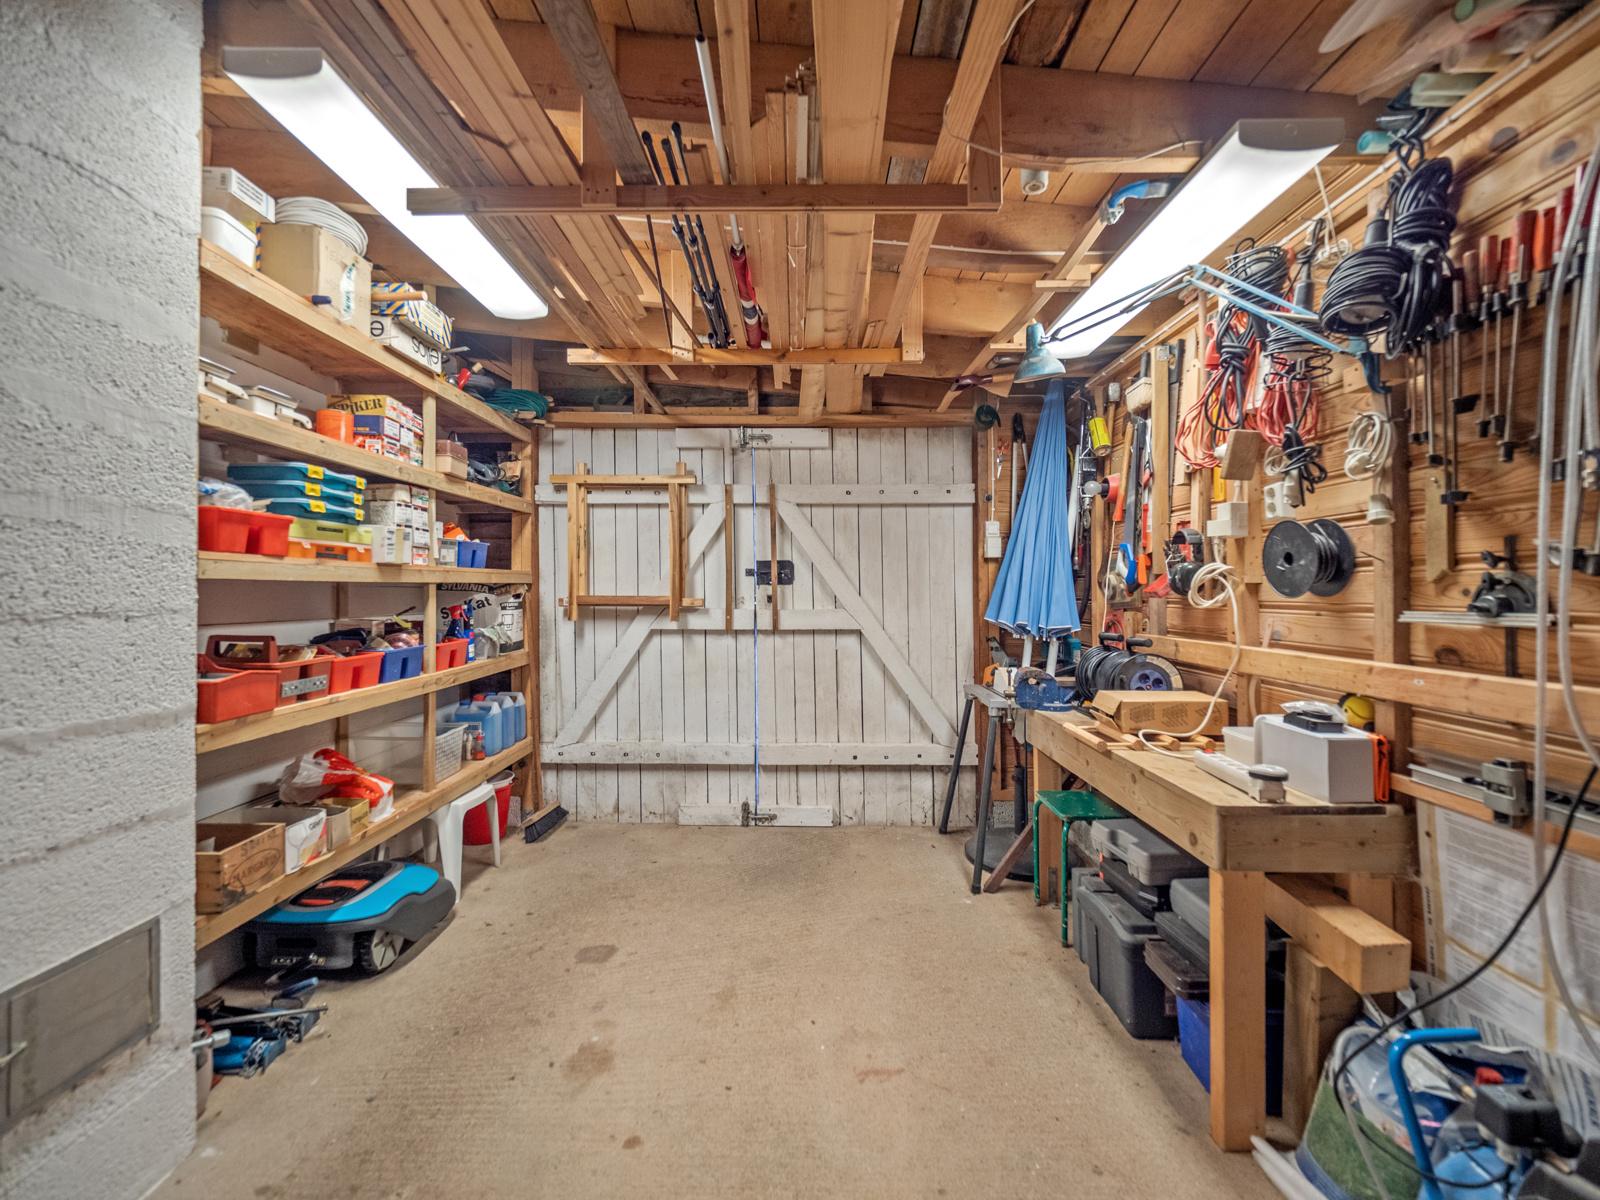 Garasjen i tilknytning til hytta med god plass for oppbevaring